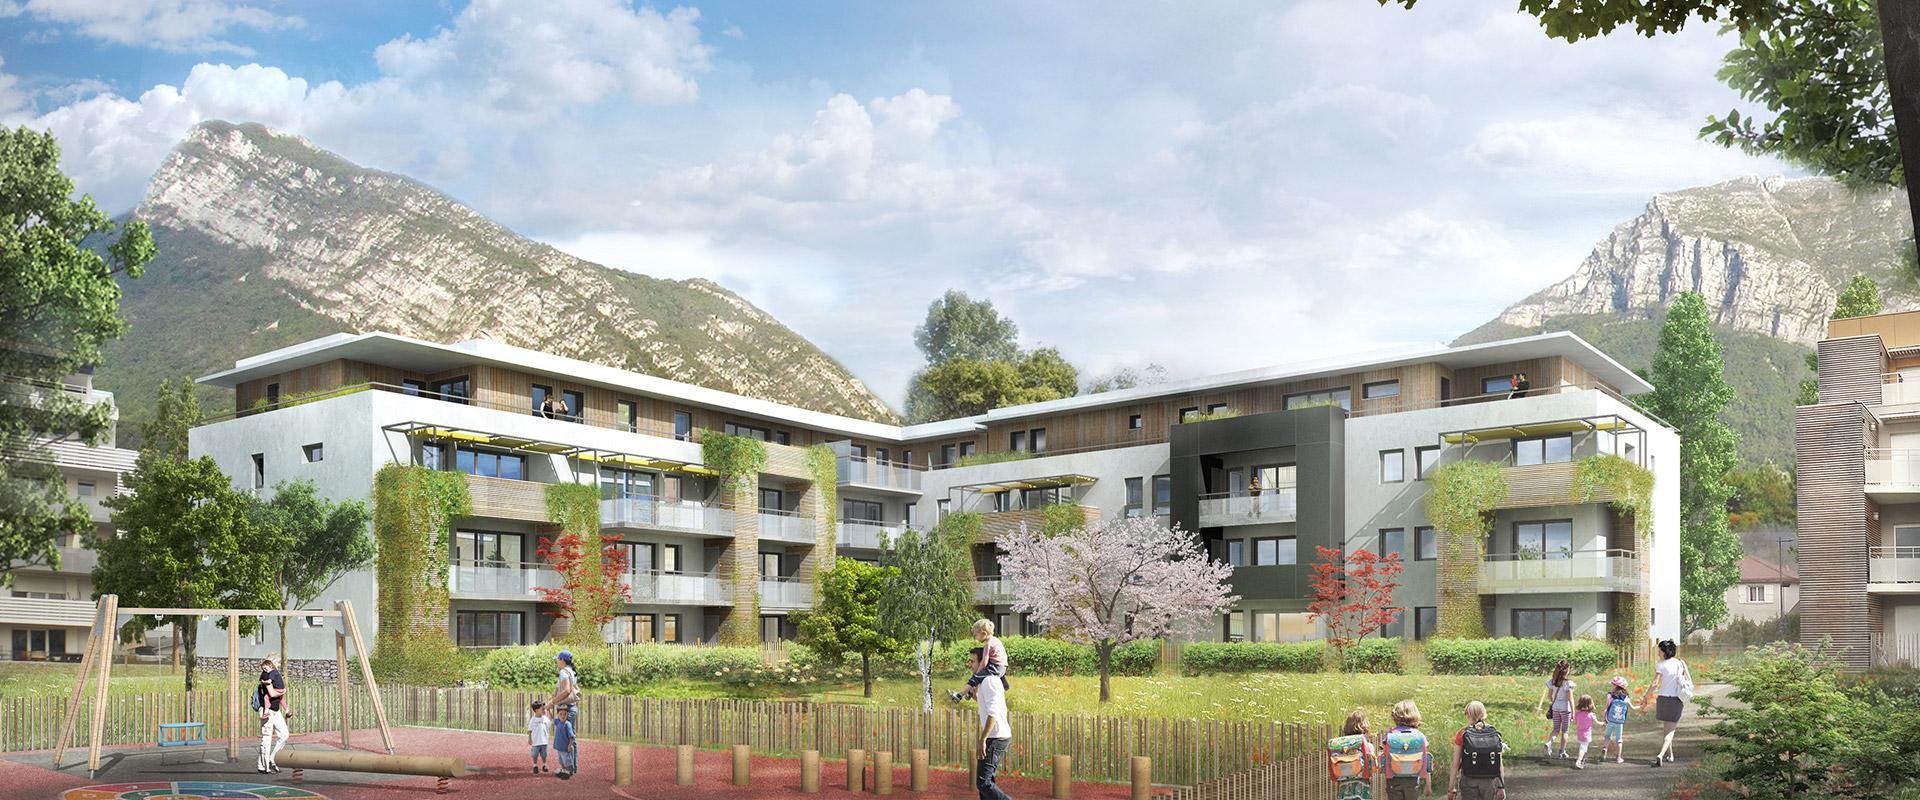 Projet immobilier suite à la vente d'un terrain à un promoteur